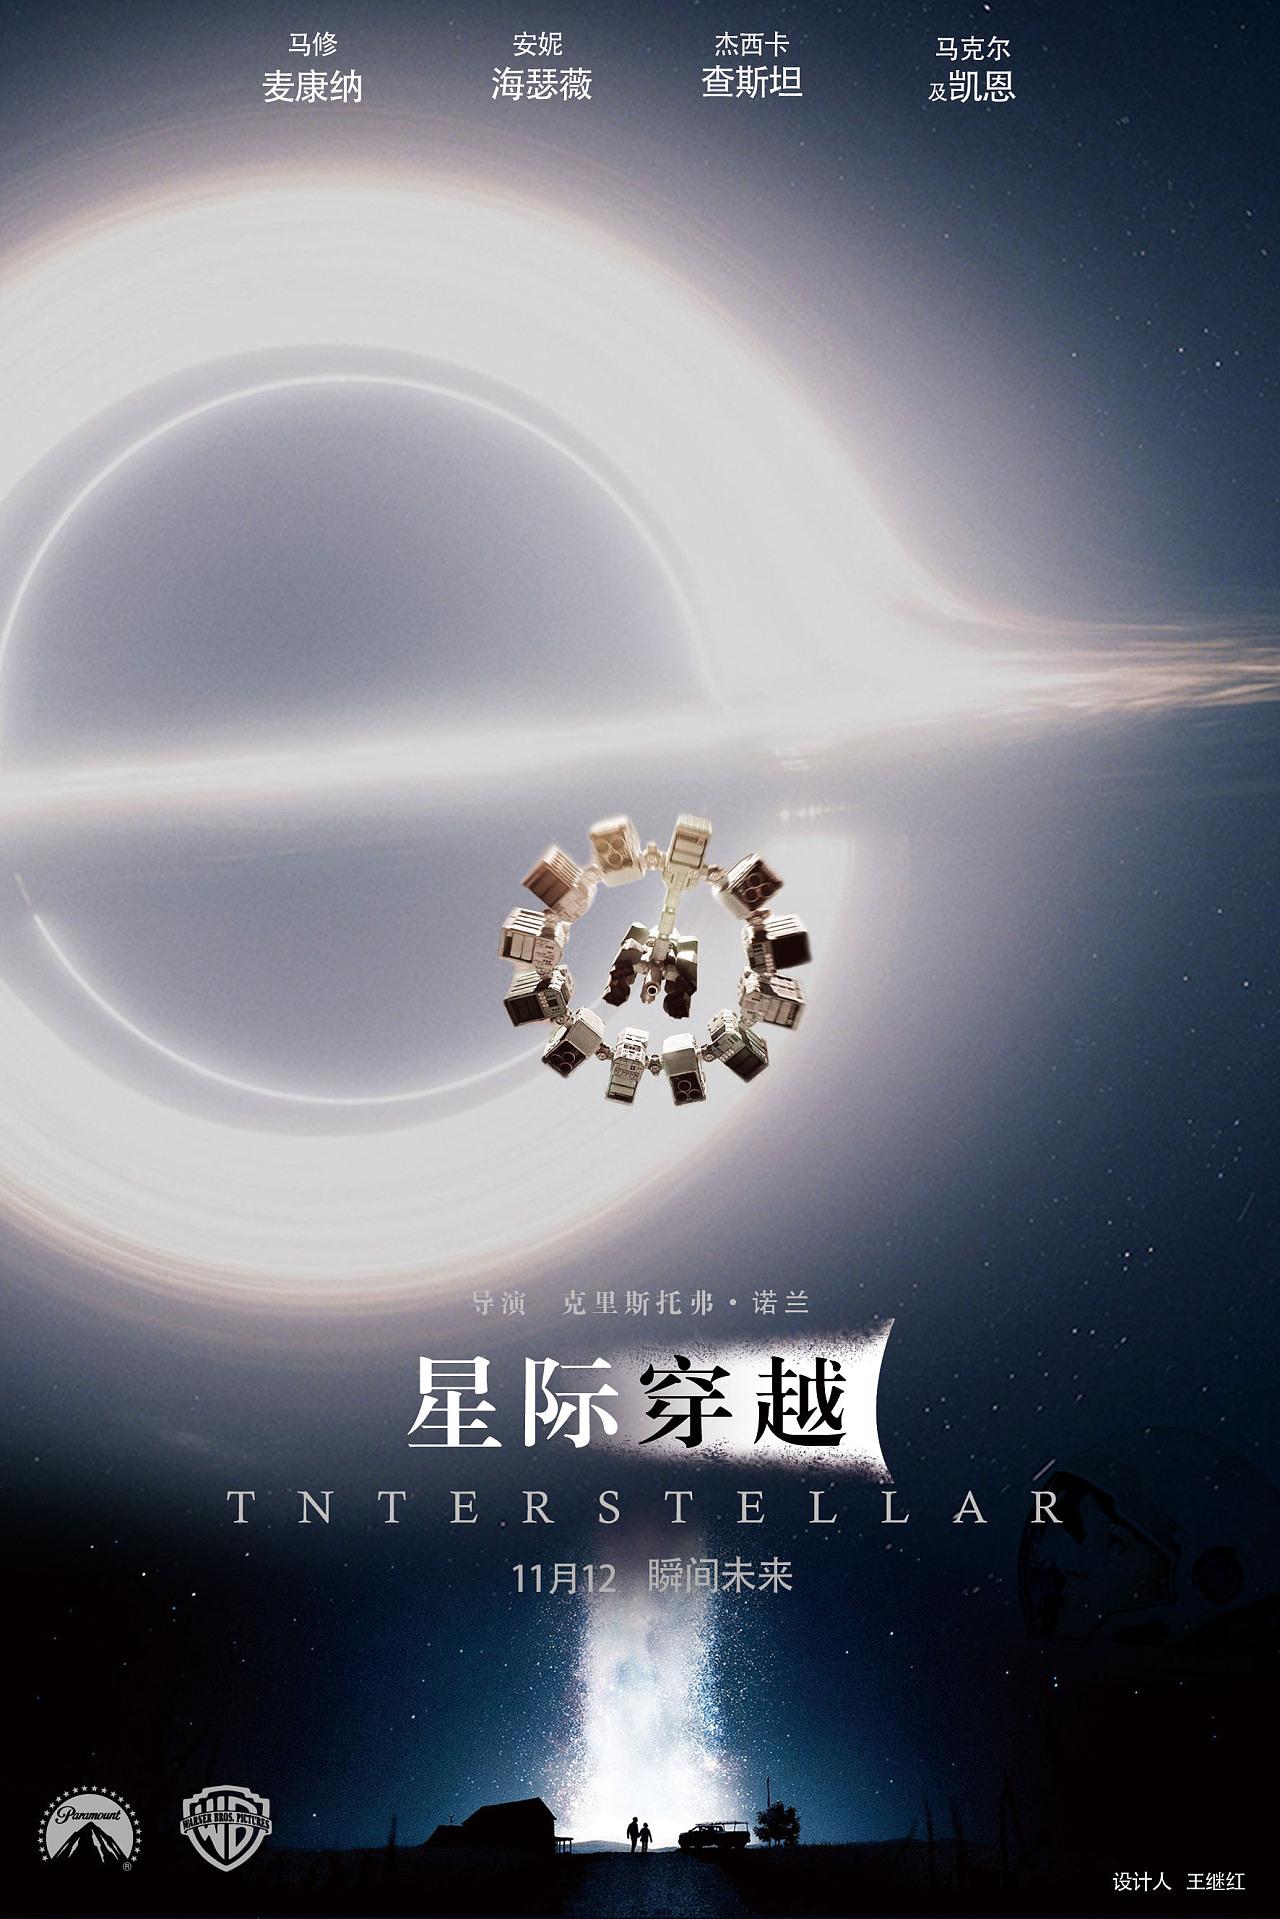 星际穿越|平面|海报|feiliao6o18 - 原创作品 - 站酷